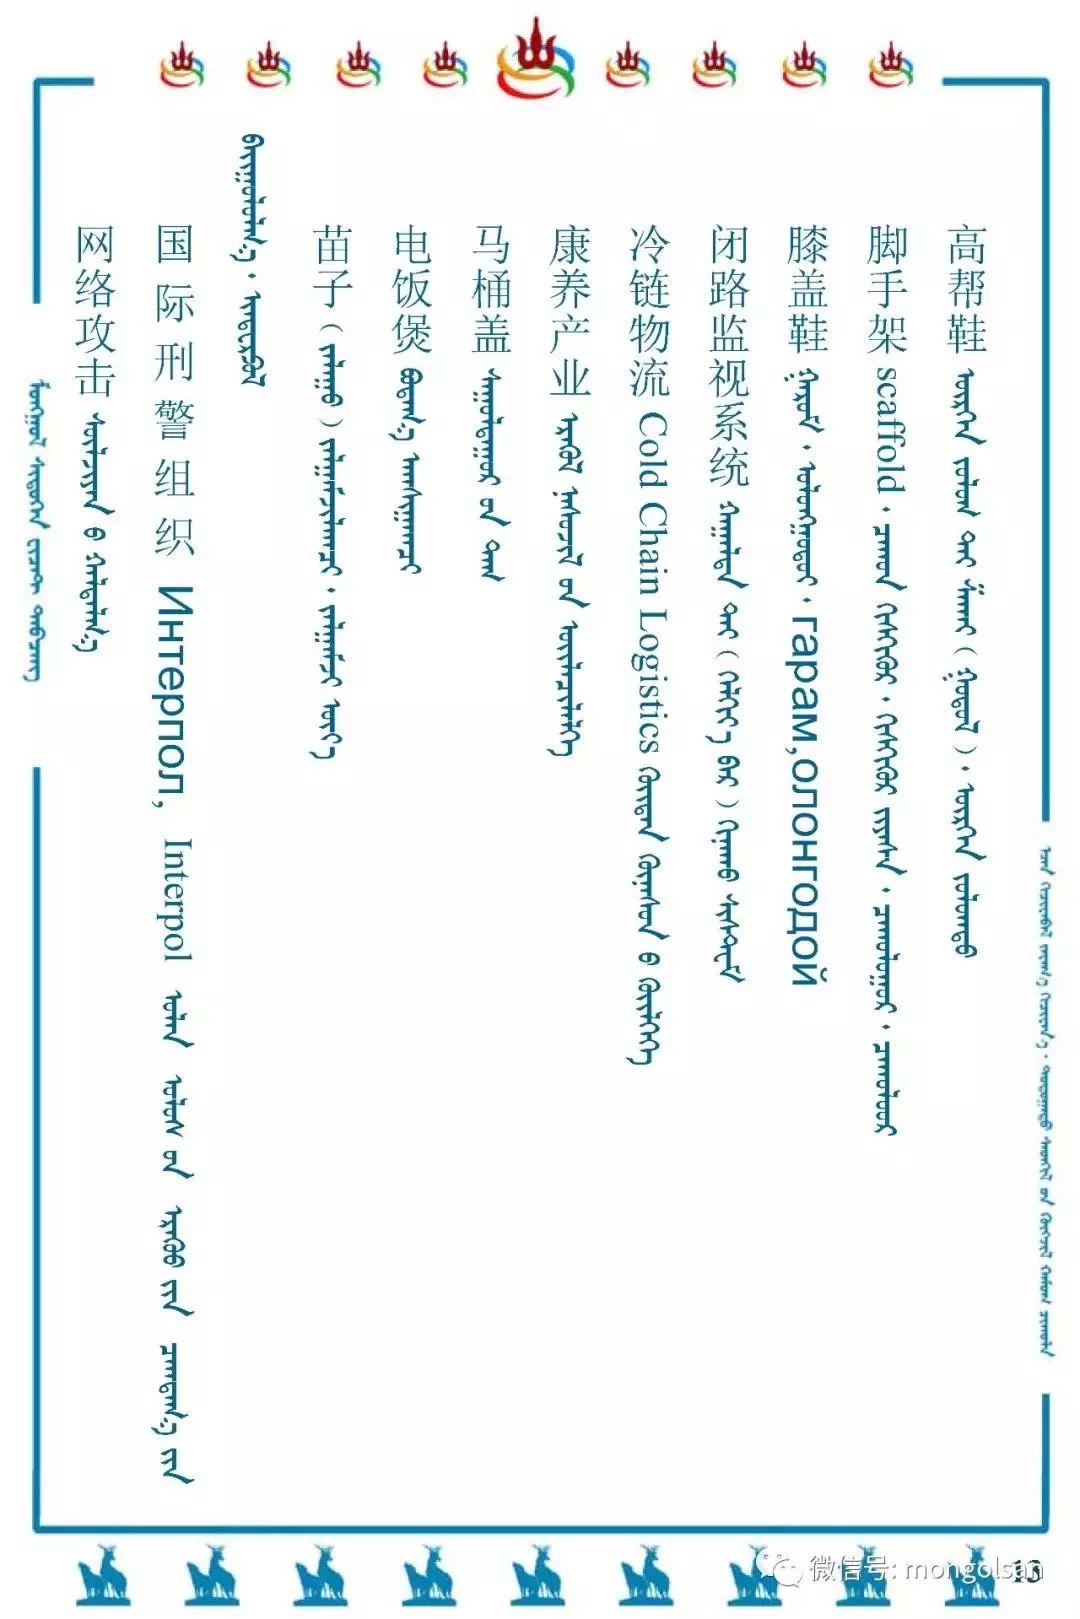 最新名词蒙古语翻译参考 第13张